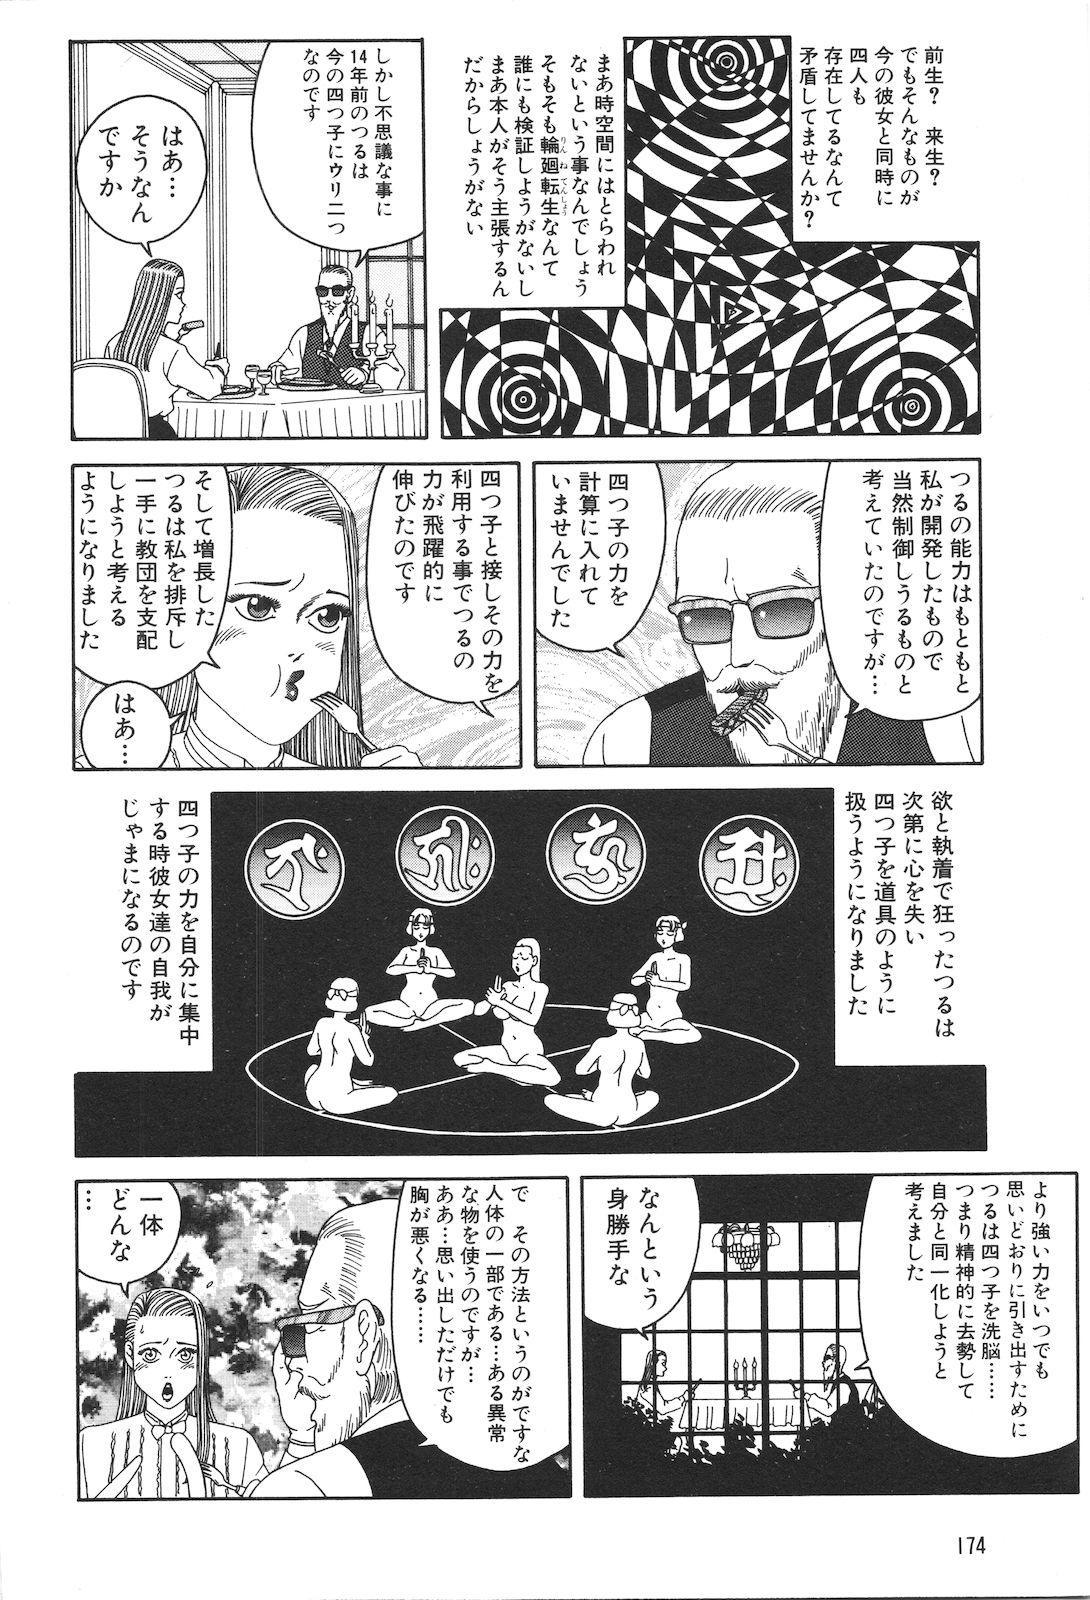 Dobusarai Gekijou 175